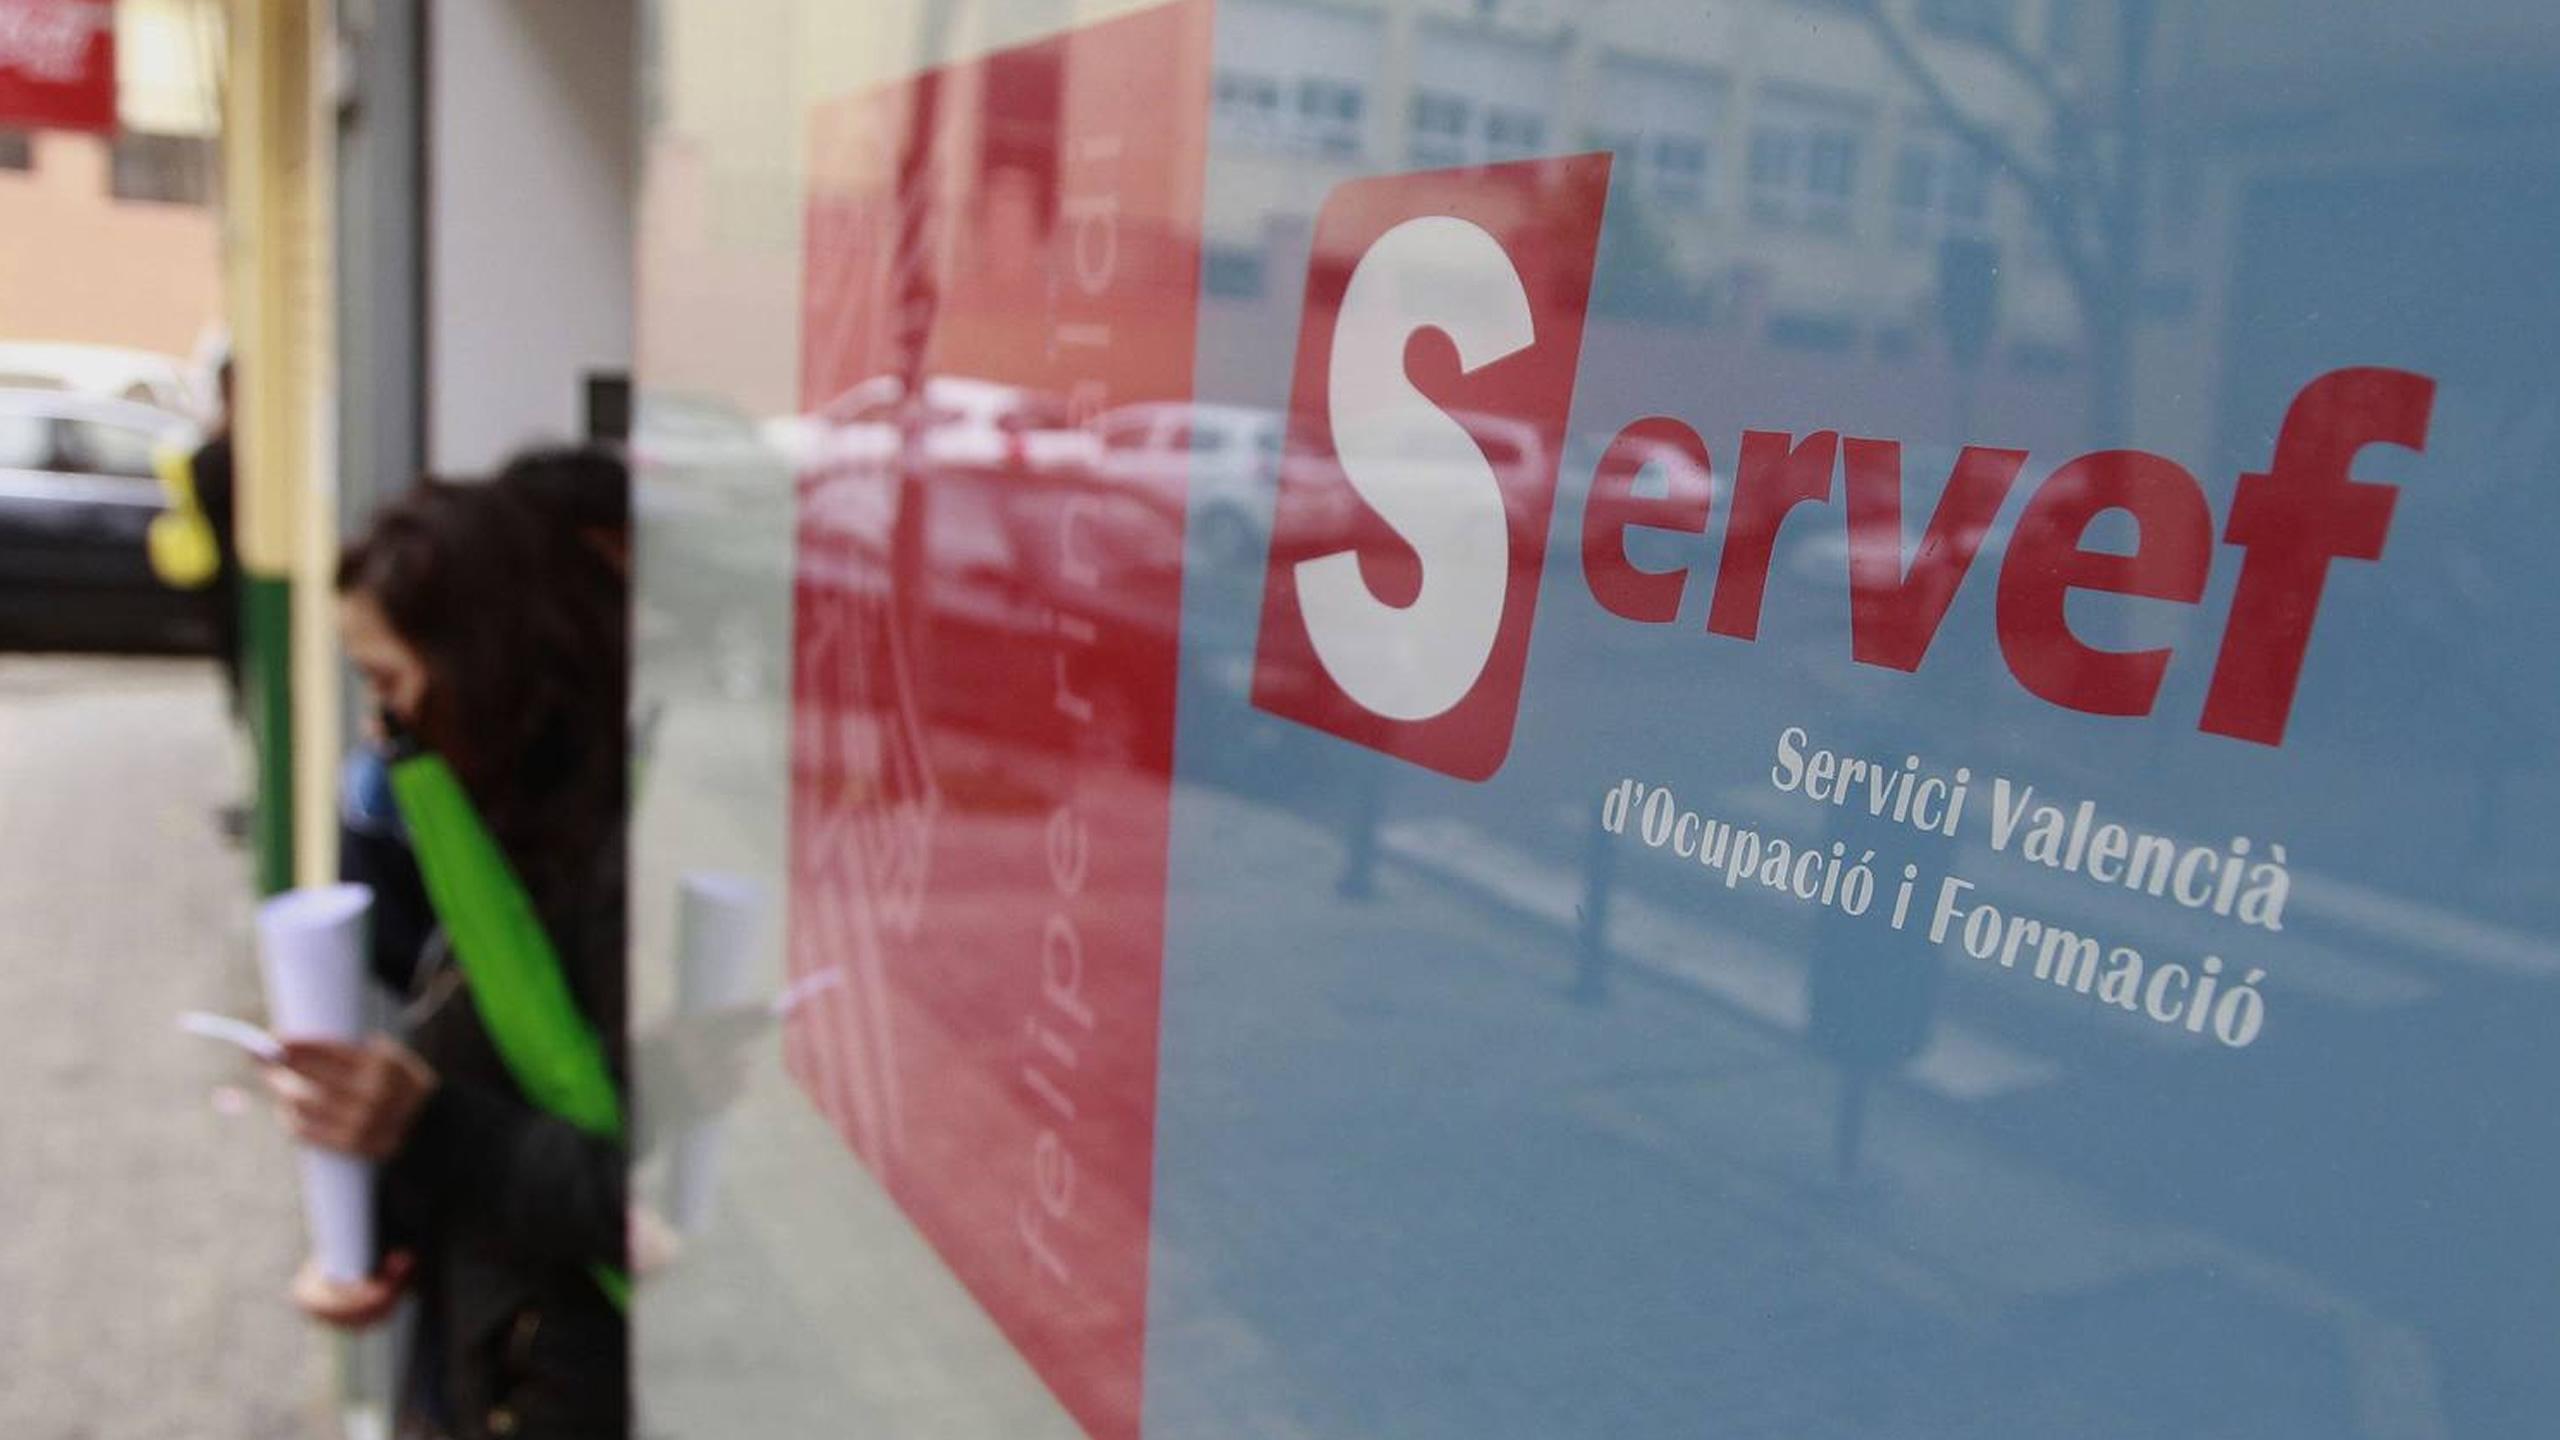 Cita previa en el Servef (@servef-cita-previa) Cover Image